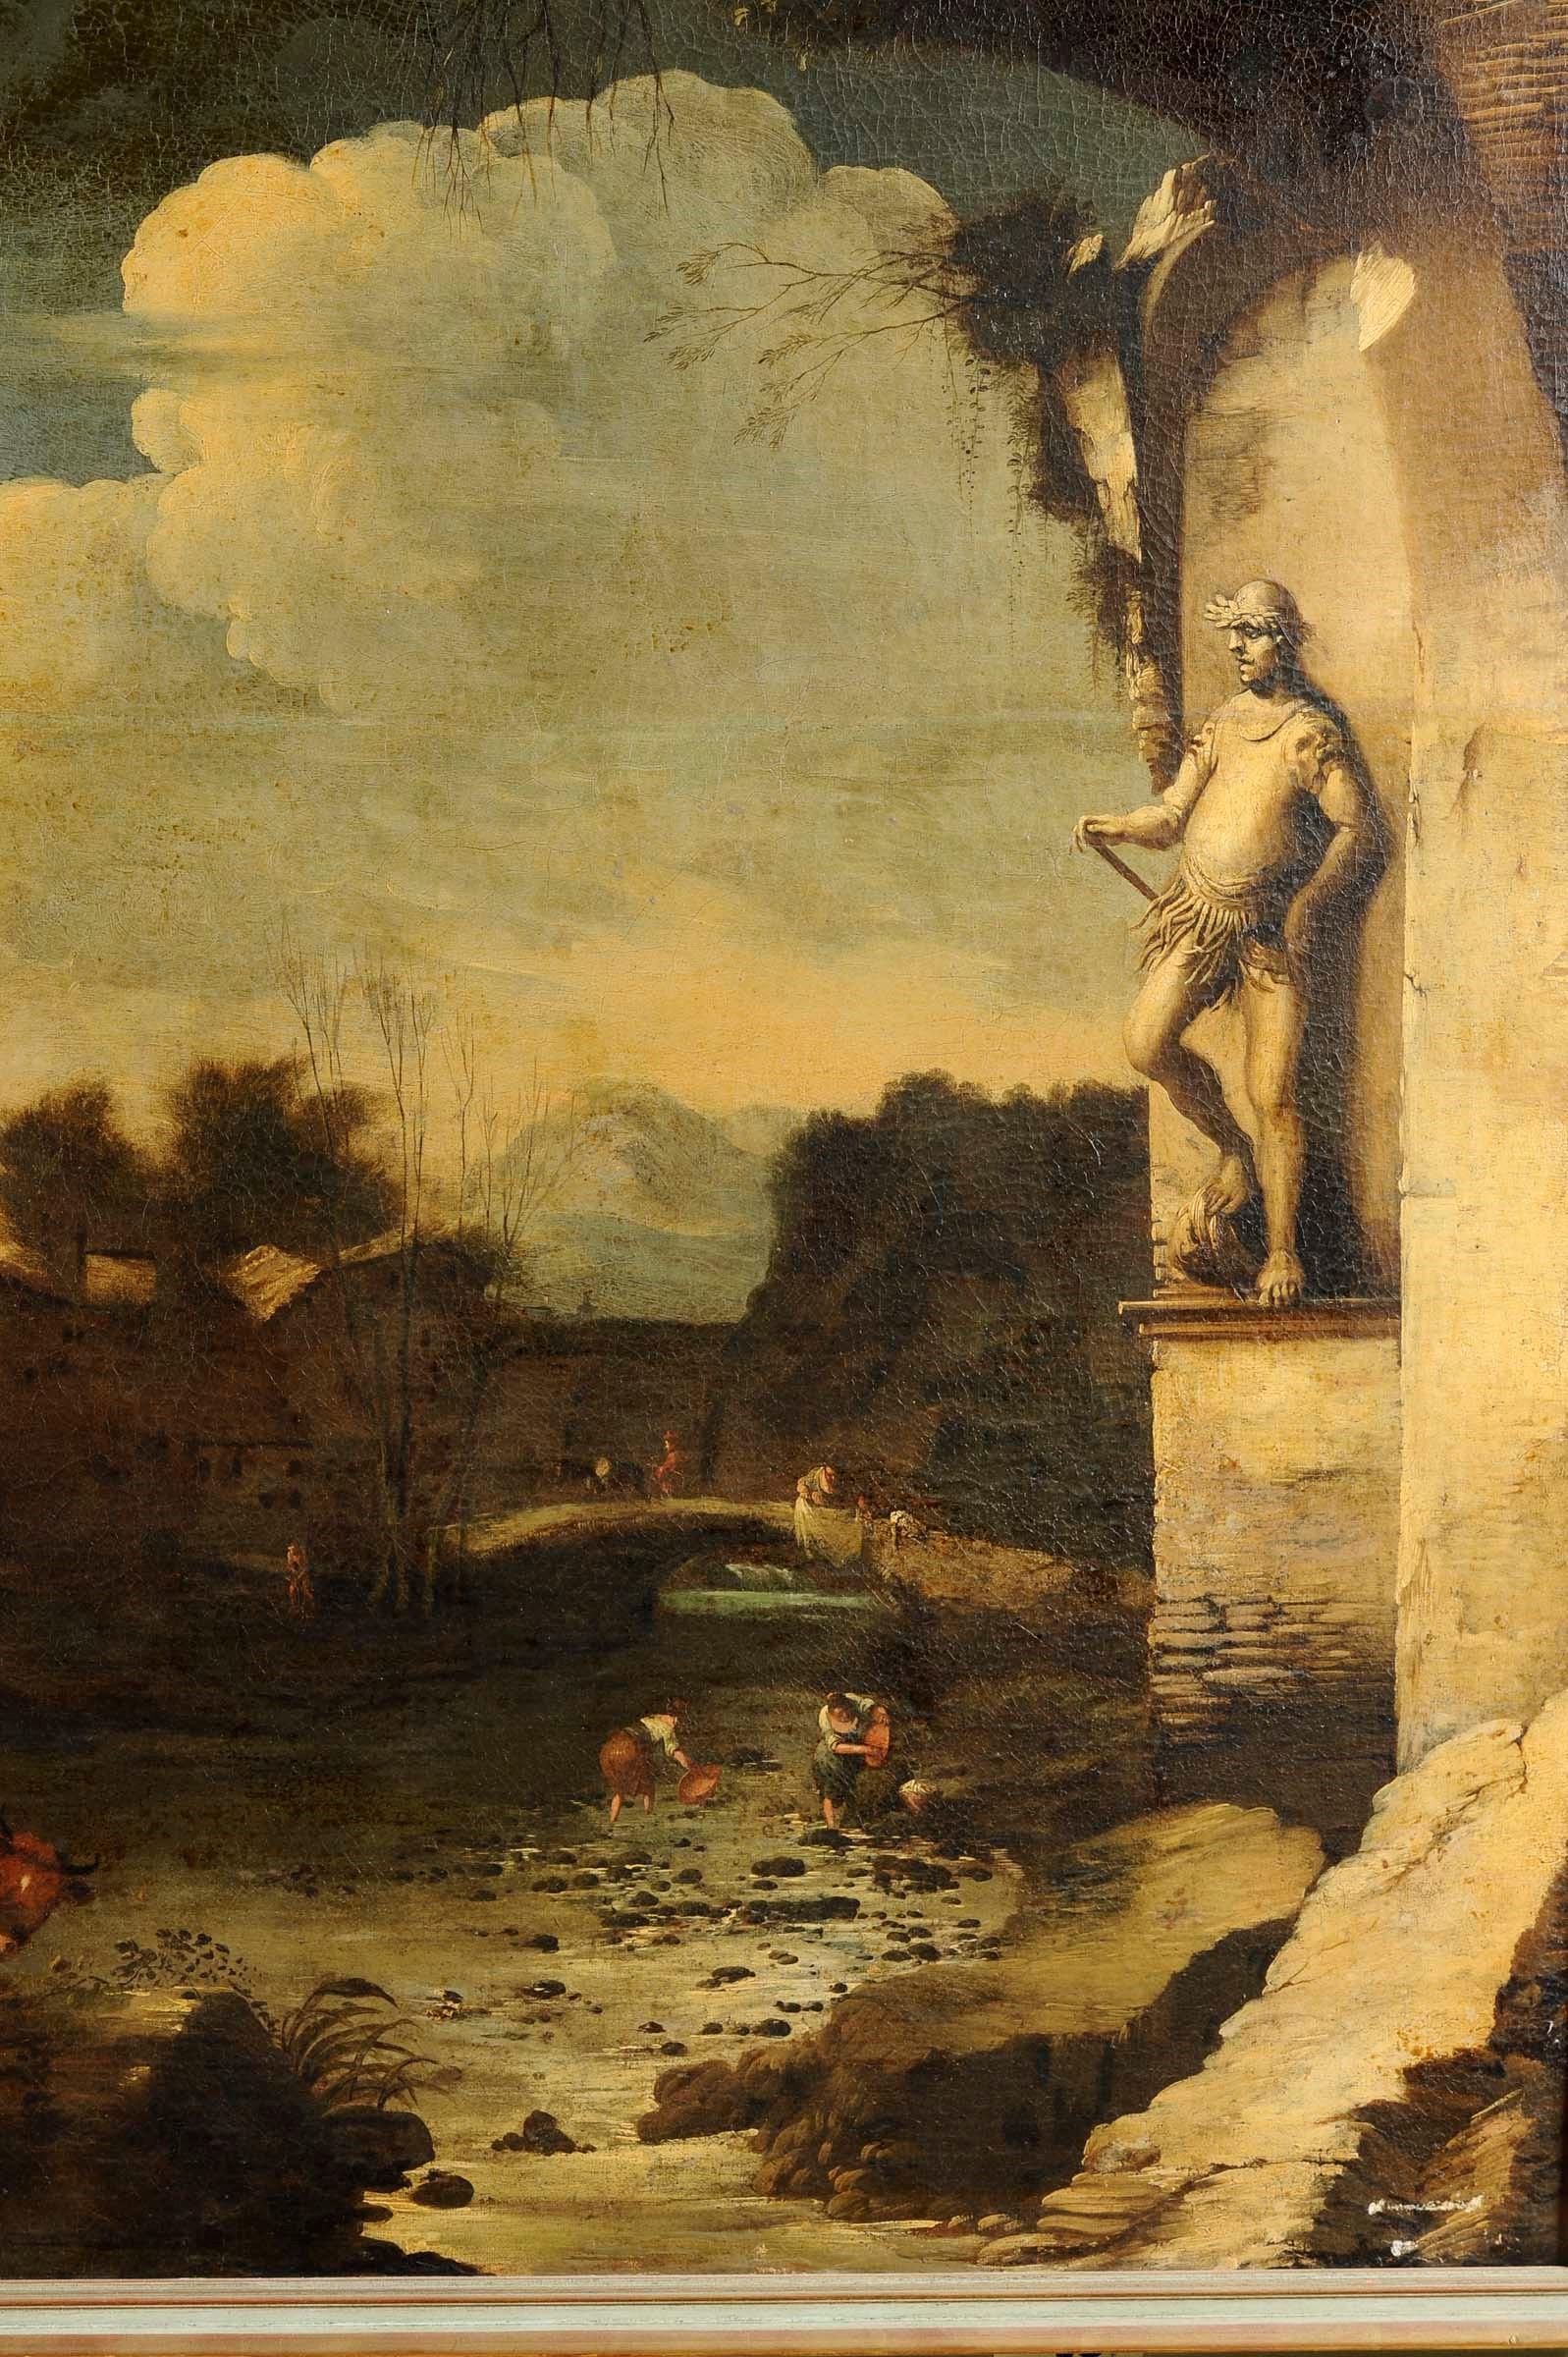 Antonio Travi detto il Sestri (Genova 1608-1665), Paesaggio con rovine e figure - [...] - Bild 3 aus 4